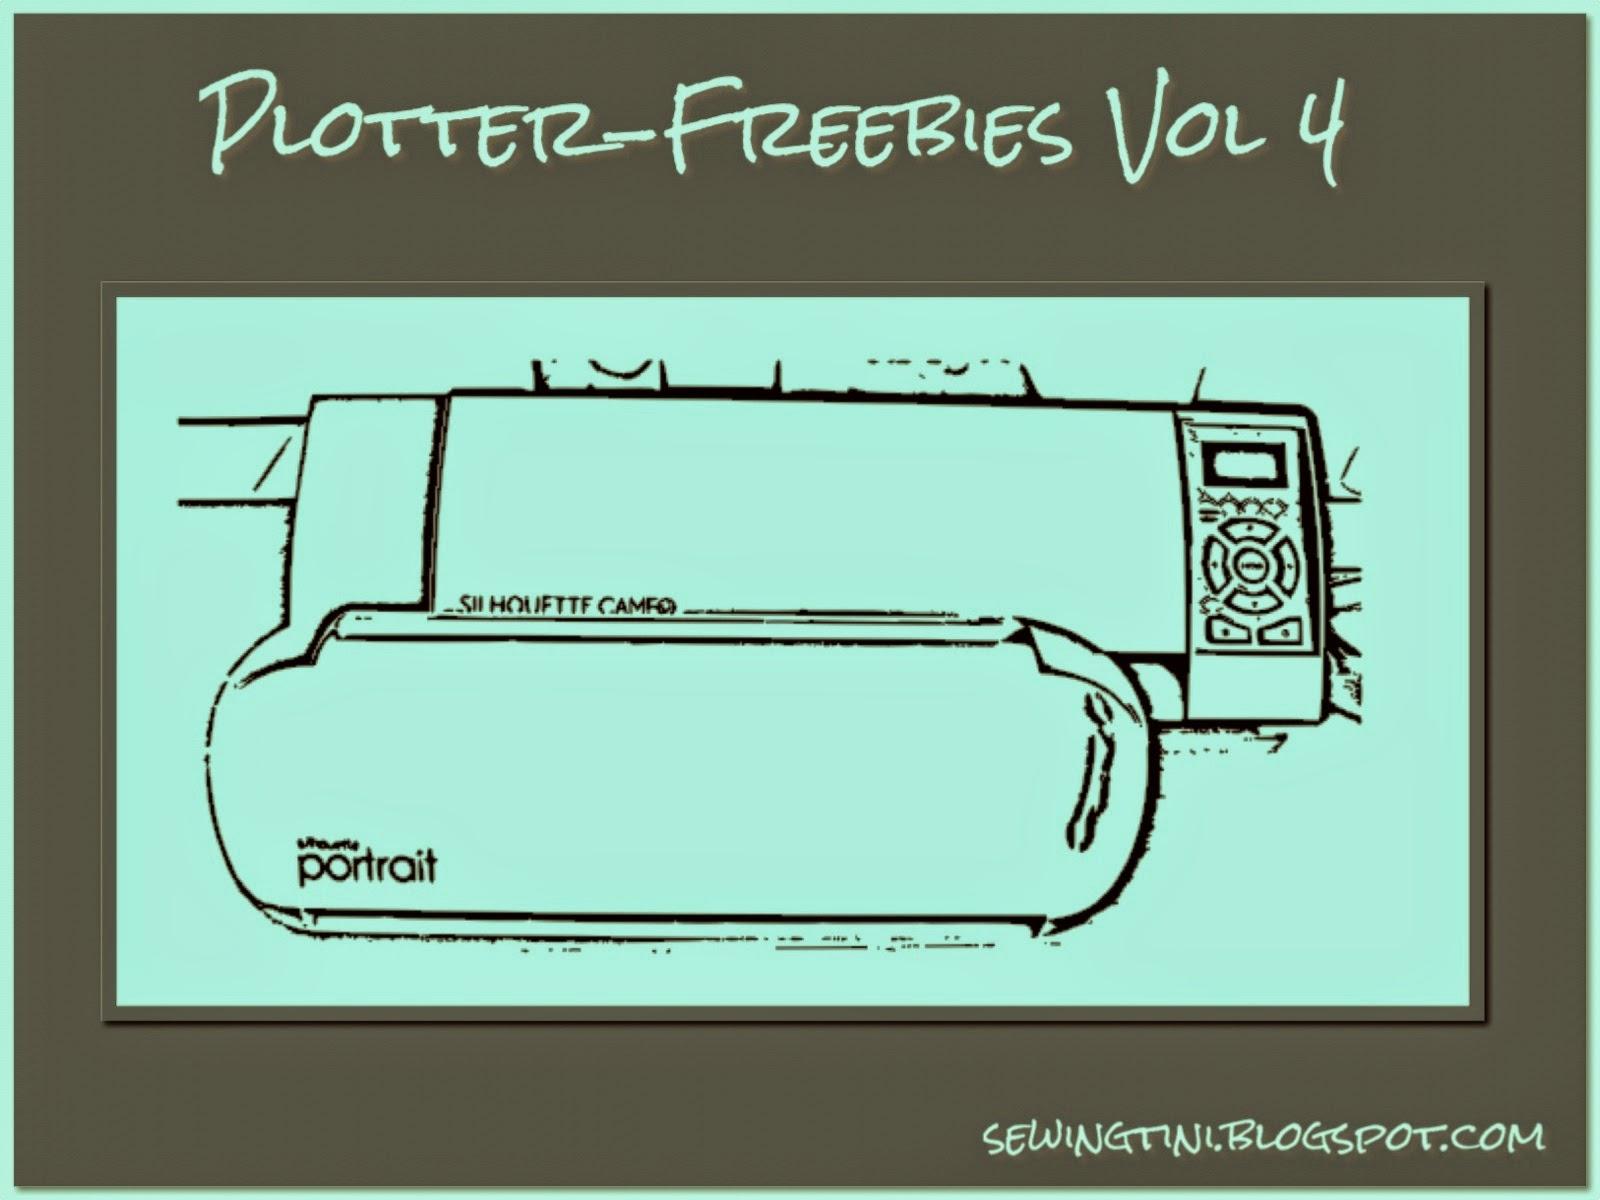 Plotter-Freebies Vol 4